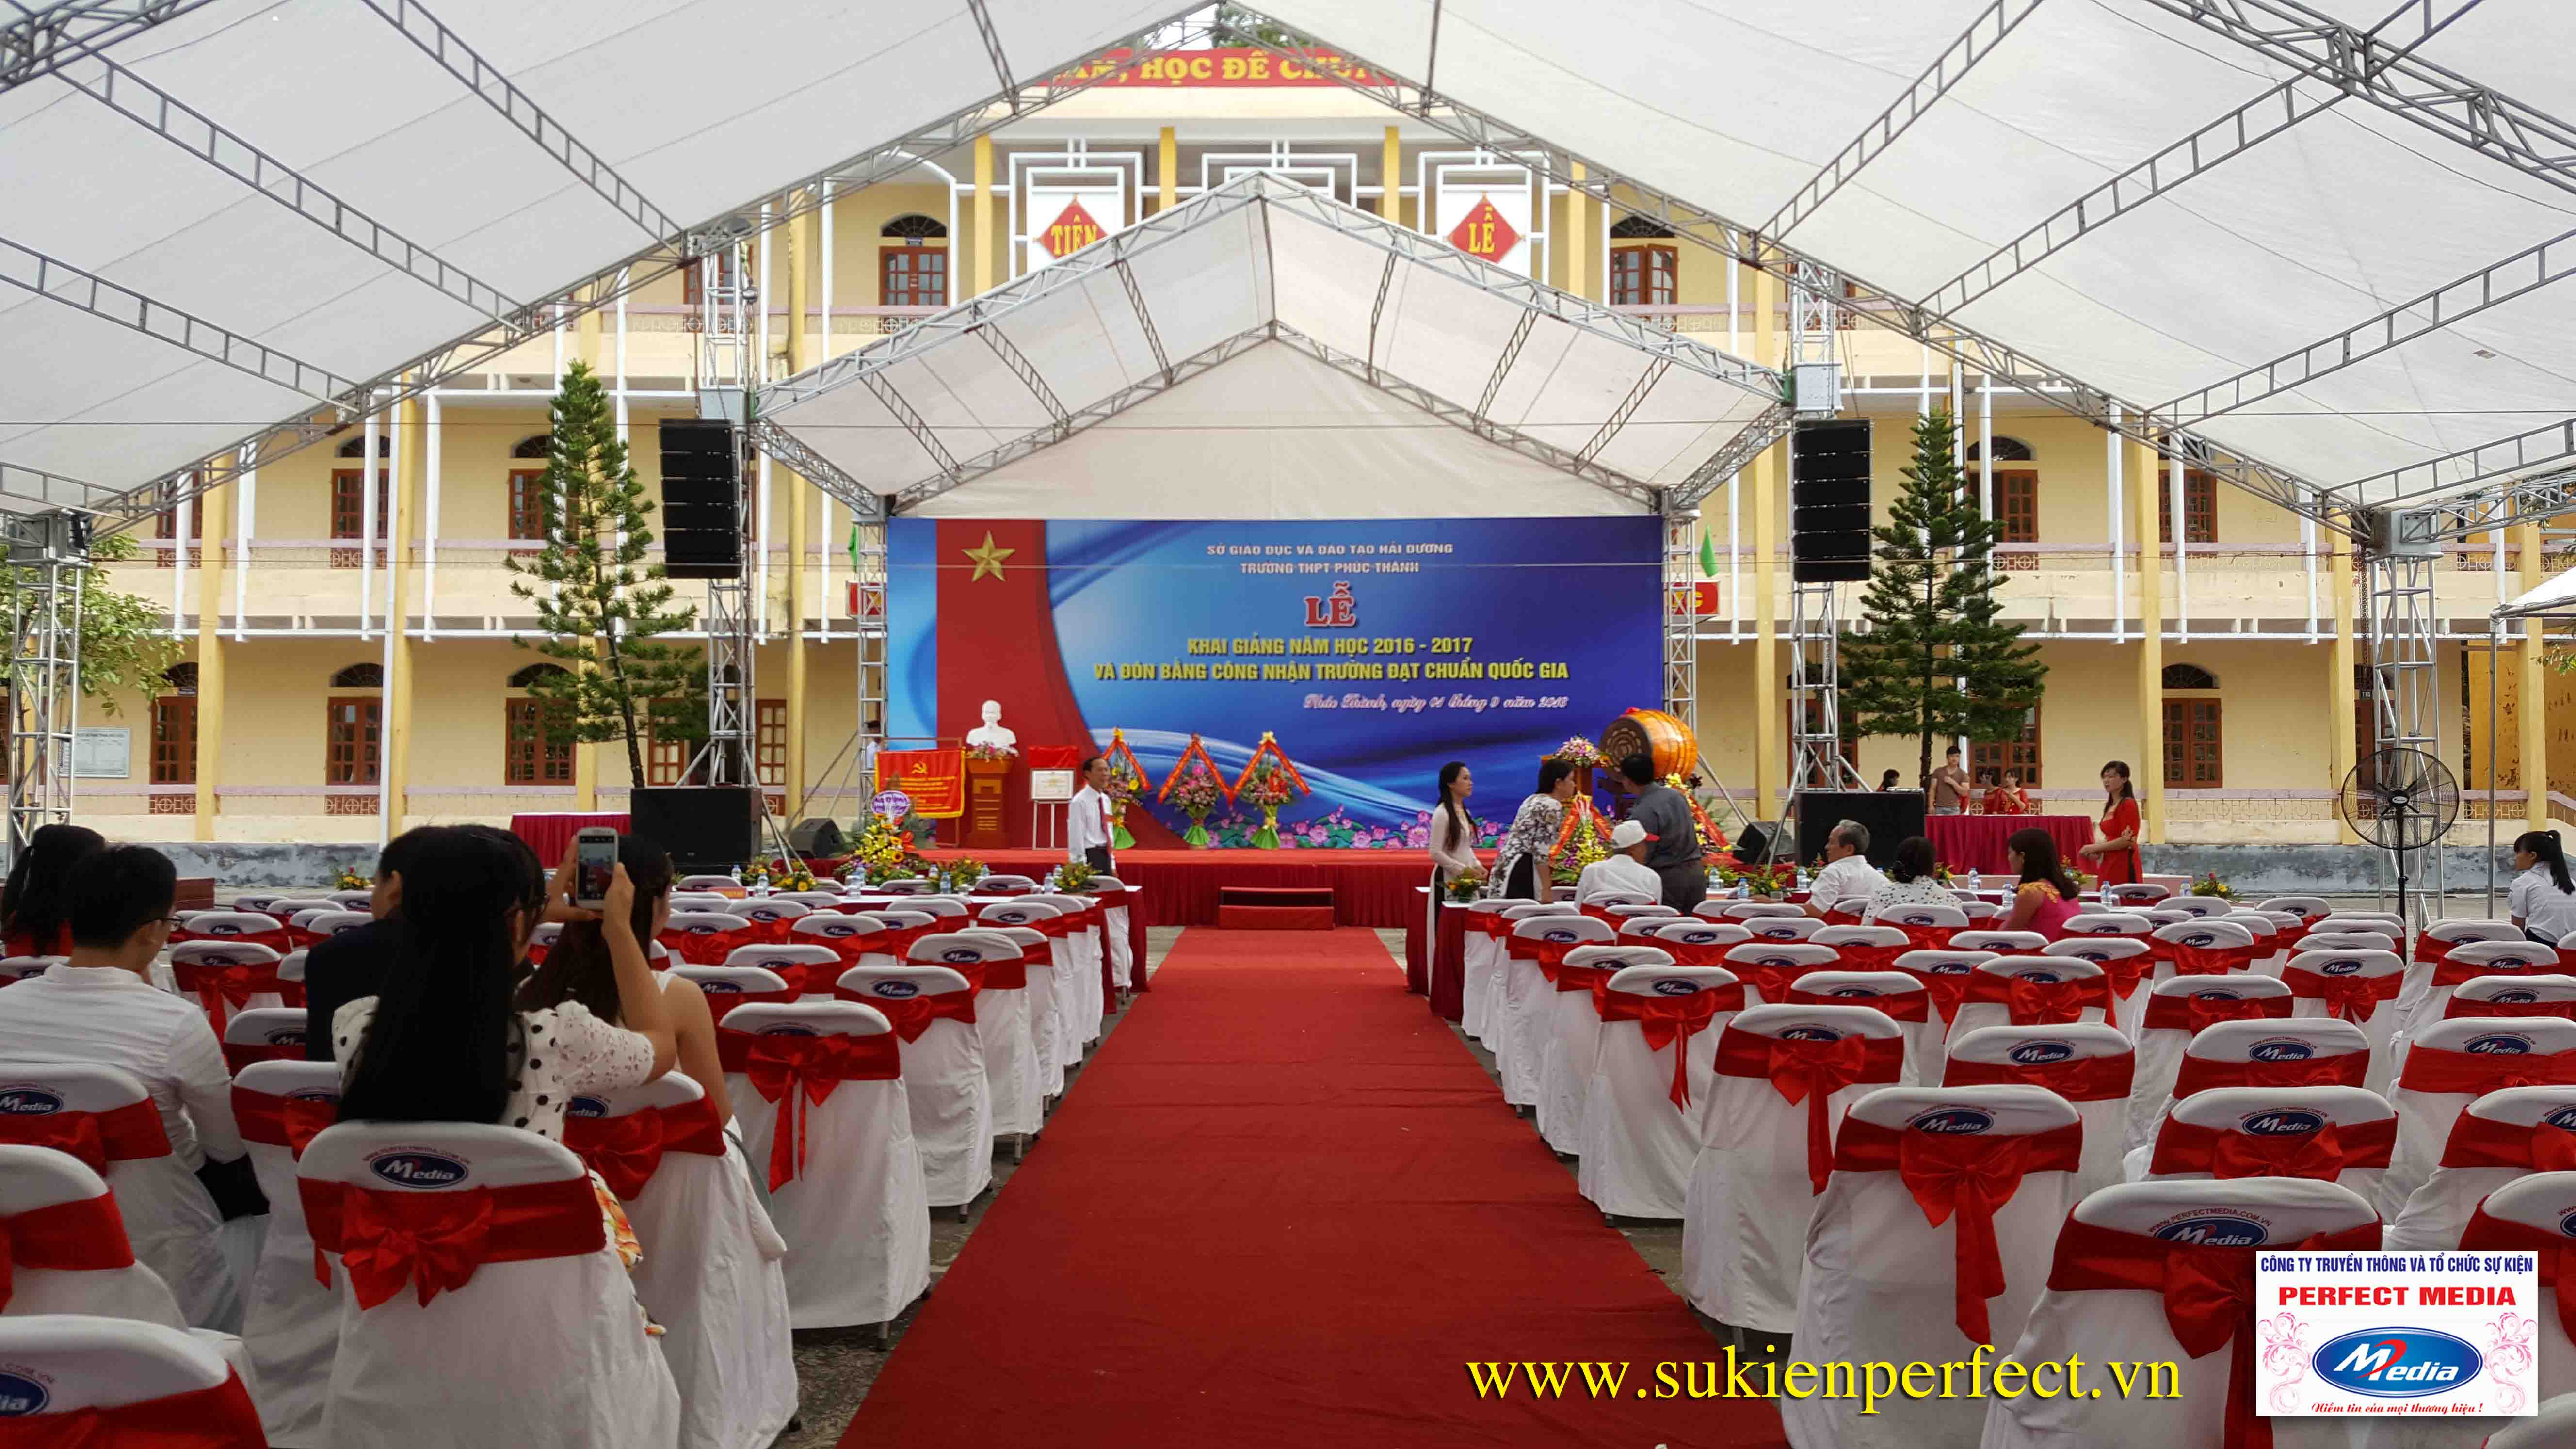 Hình ảnh trong buổi lễ THPT Phúc Thành đón chuẩn Quốc gia 01